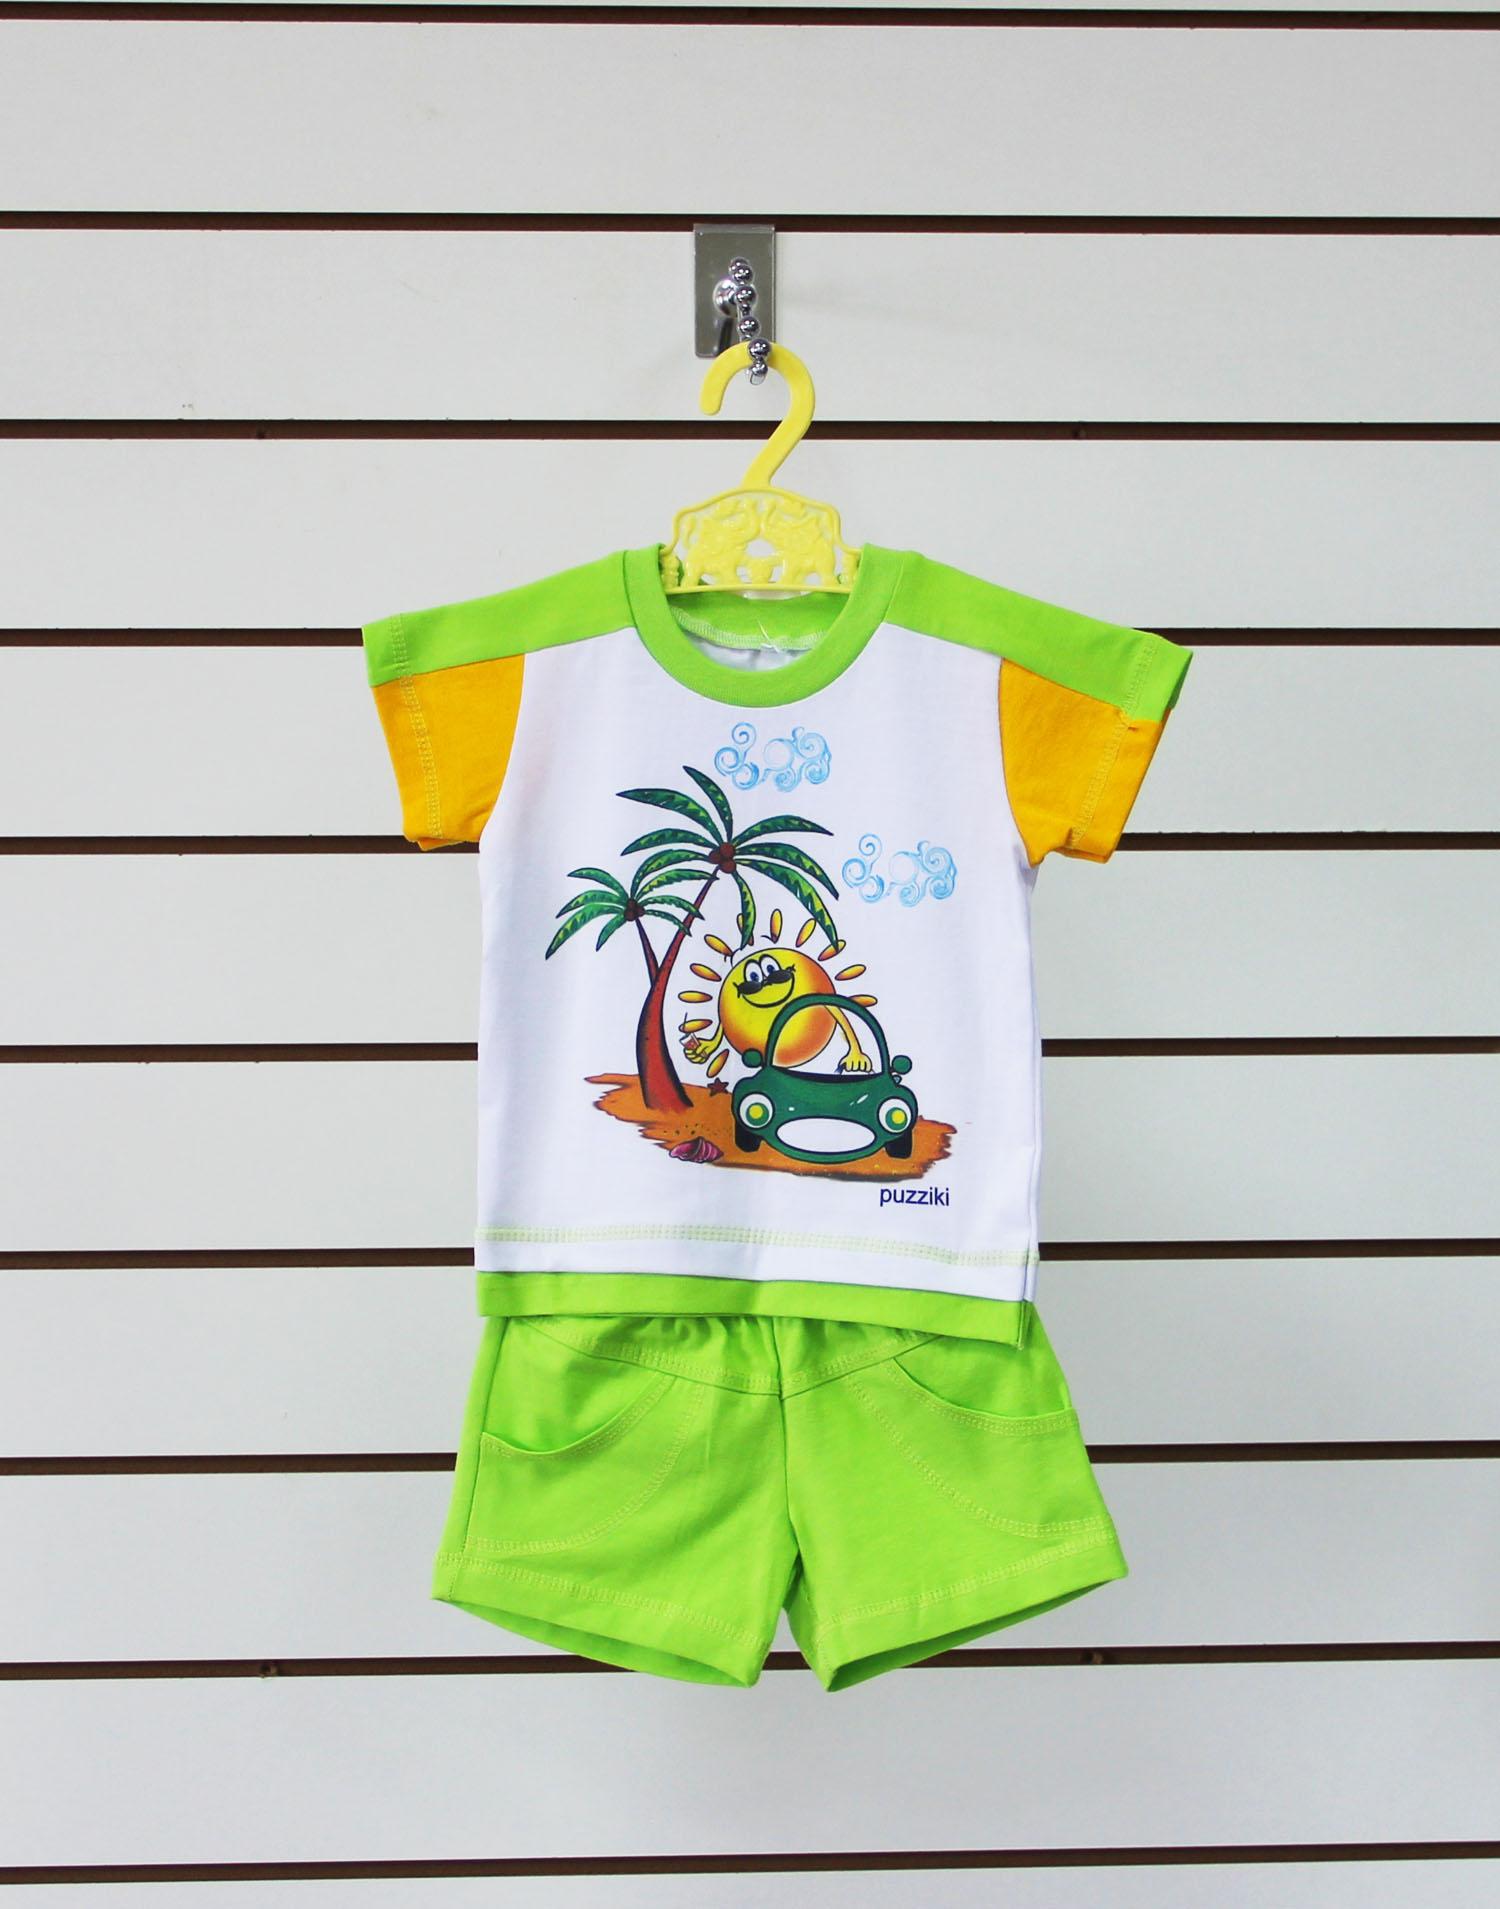 Комплект одежды детскийСолнышко-2 футболка рукав лампас и шортыКомплекты и костюмы<br><br><br>Размер: 28 (рост 92 см)